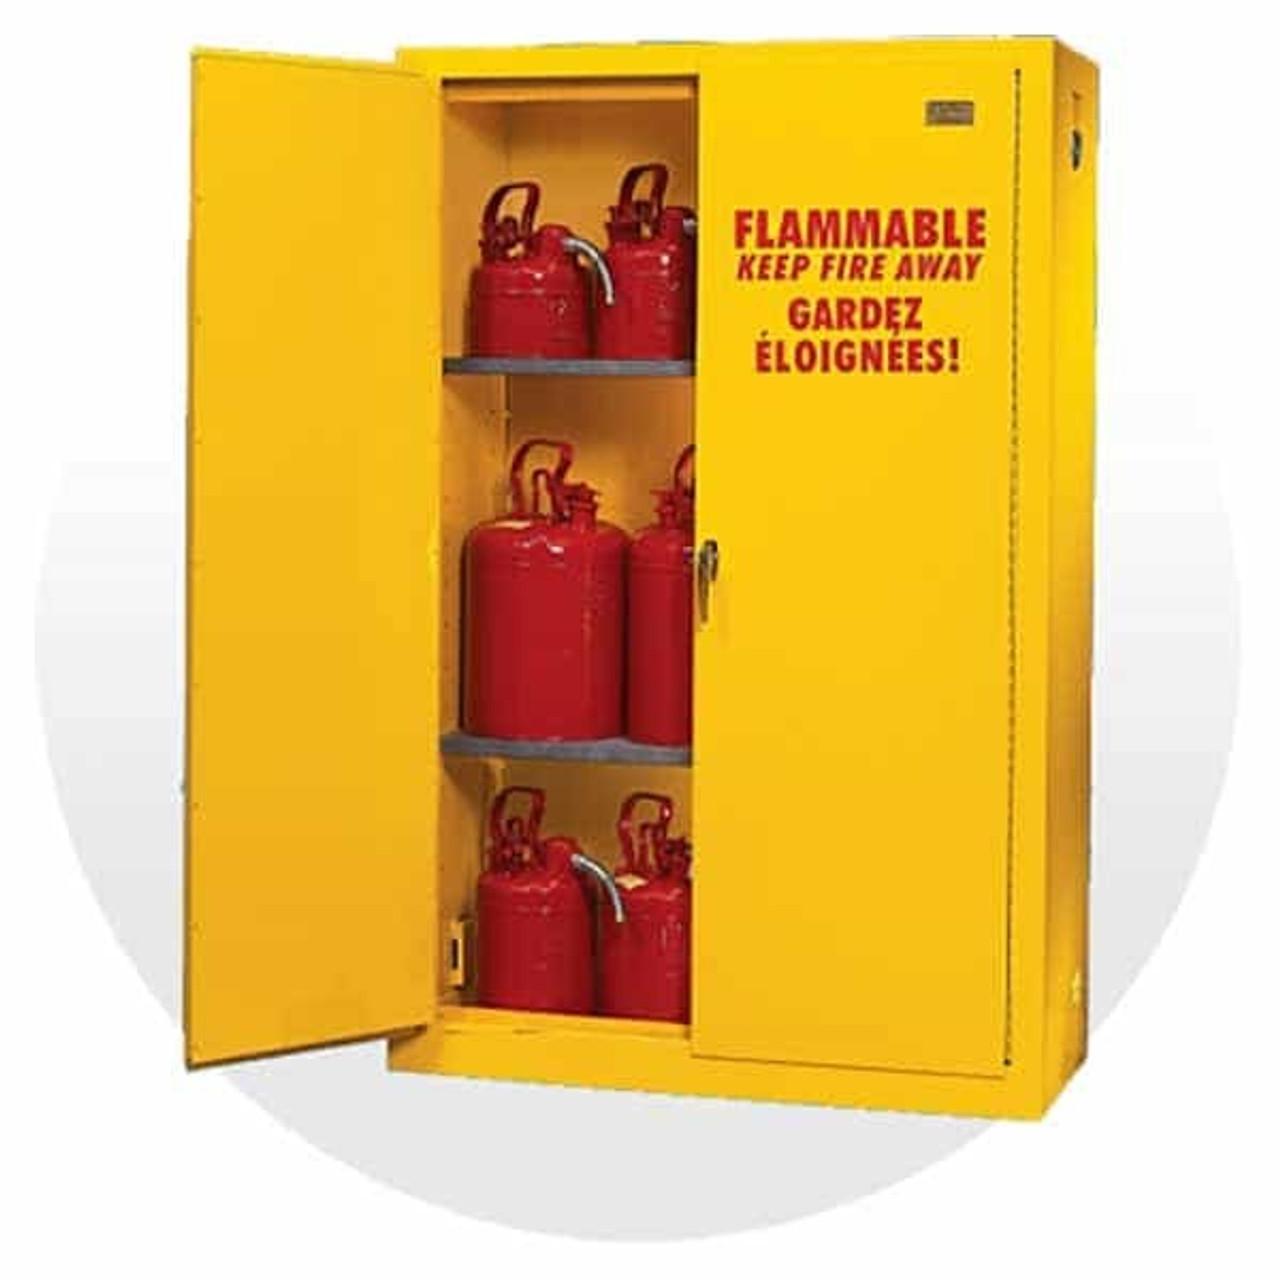 FM (Non-Insulated) Storage Cabinets